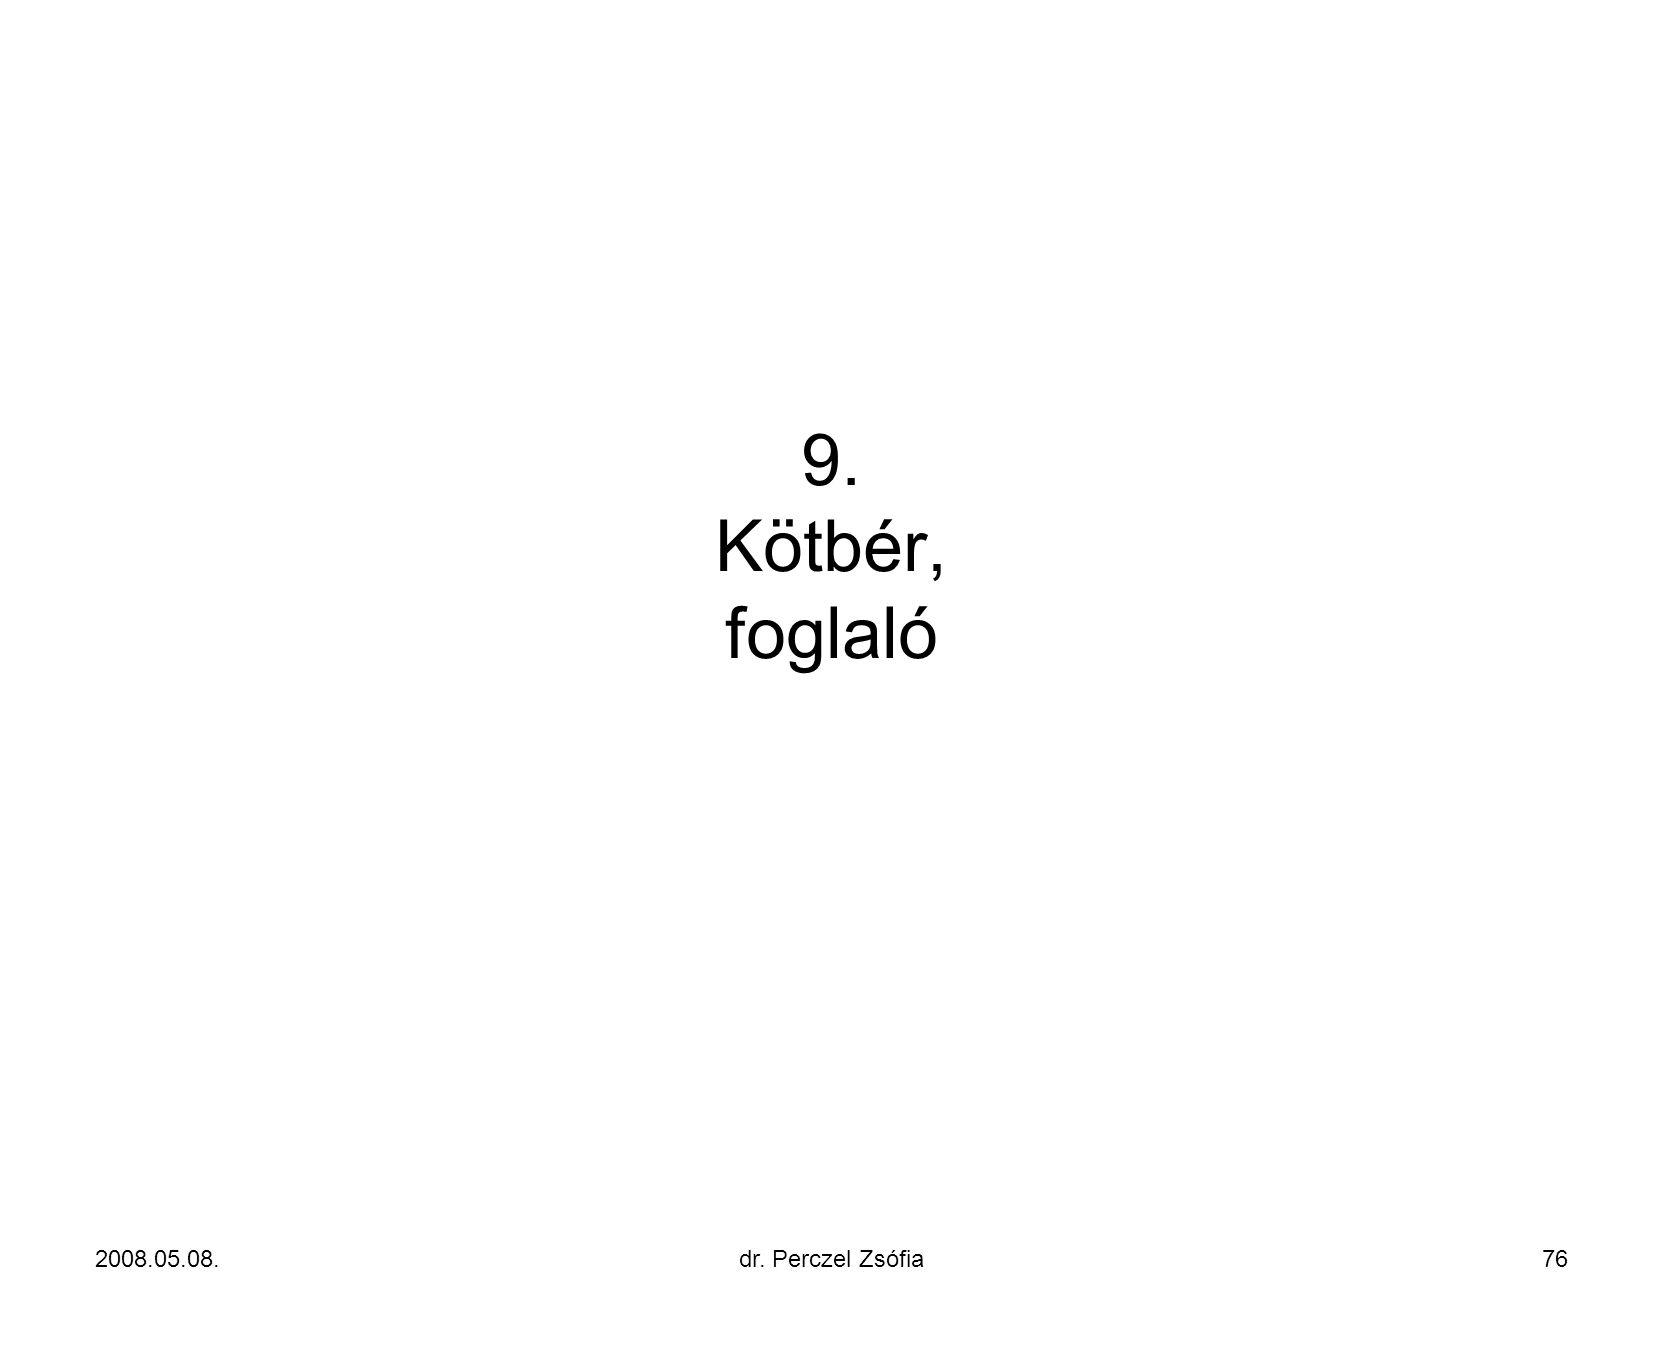 9. Kötbér, foglaló 2008.05.08. dr. Perczel Zsófia